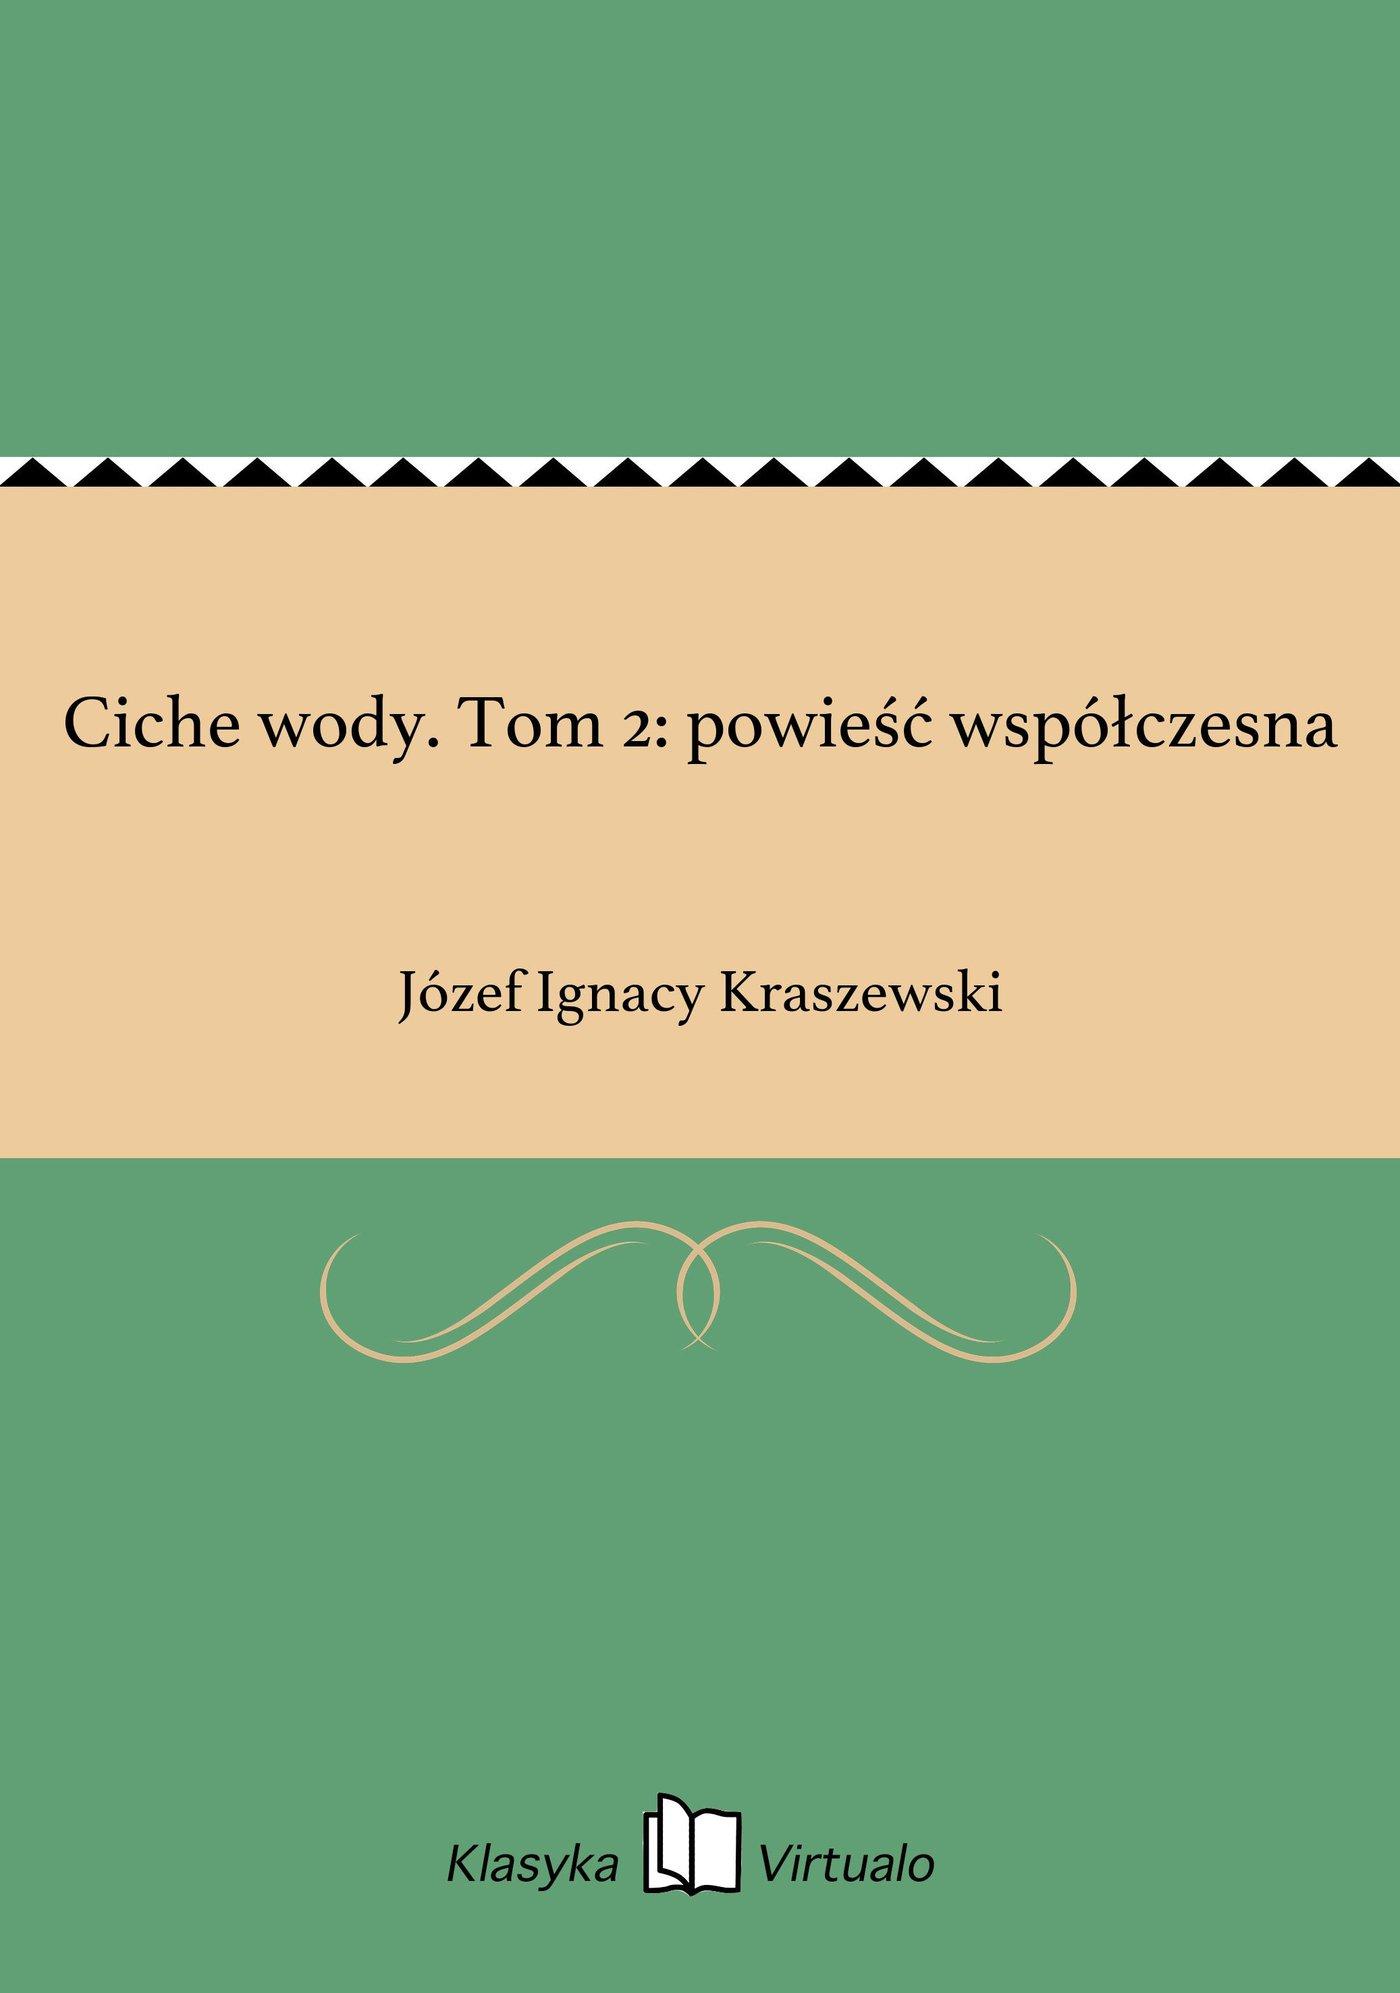 Ciche wody. Tom 2: powieść współczesna - Ebook (Książka EPUB) do pobrania w formacie EPUB